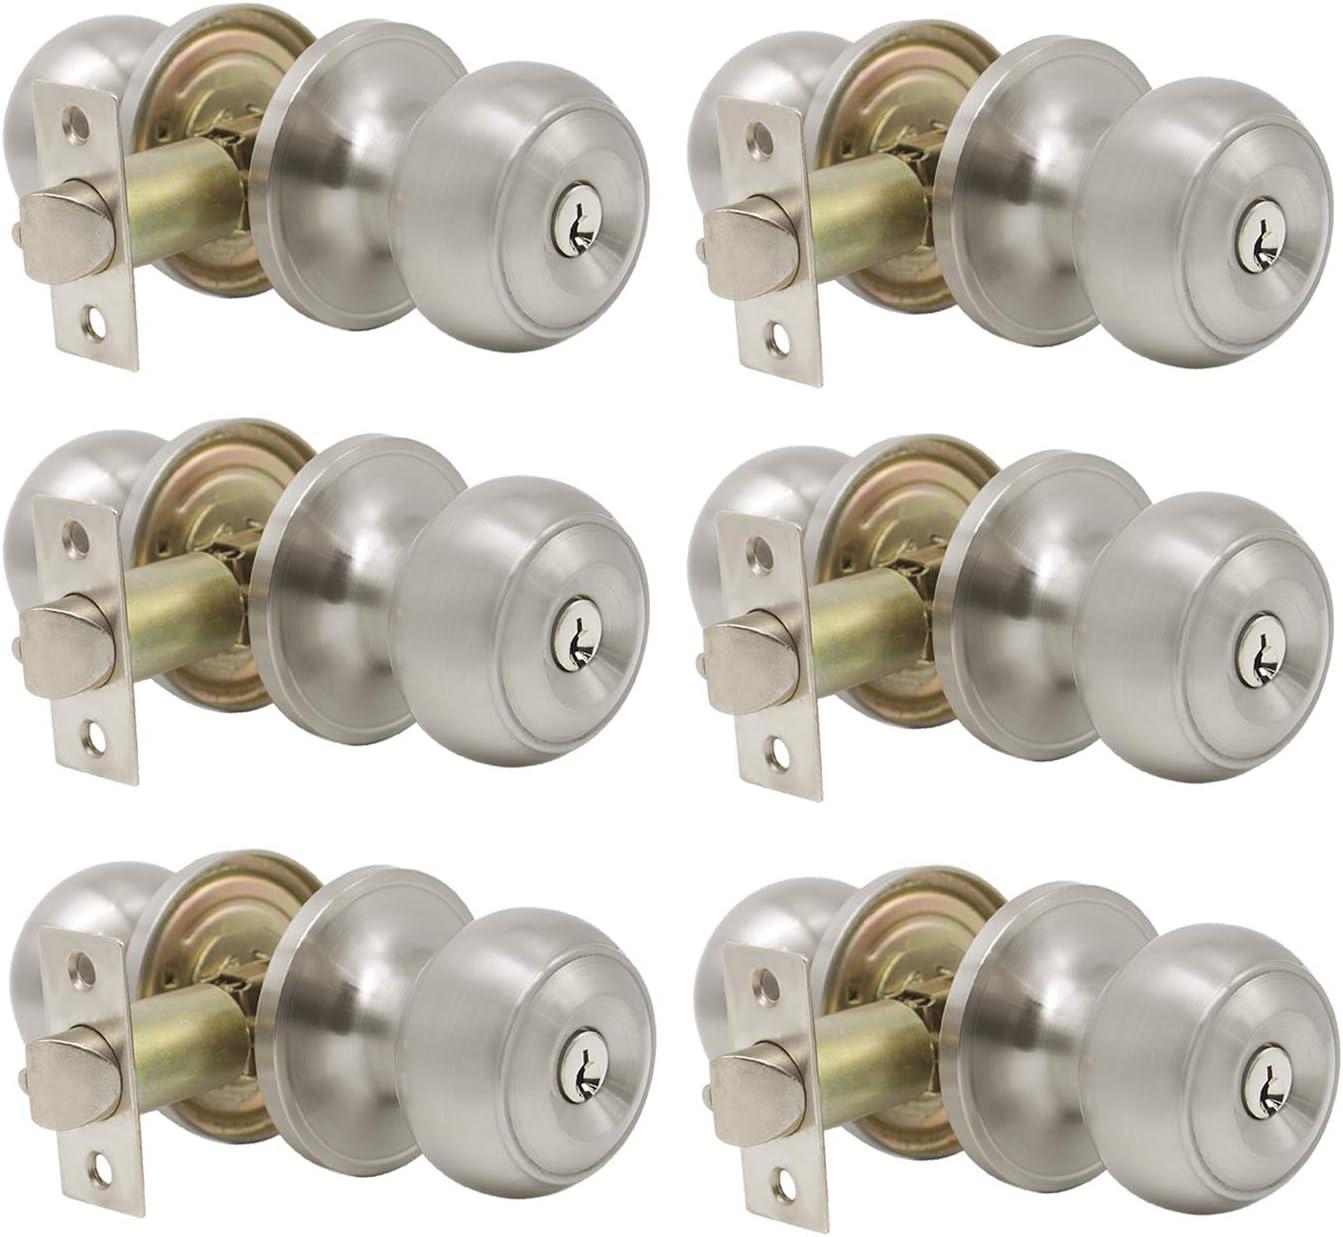 pomos de puerta de acero s/ólido Pomos de puerta de n/íquel satinado manija de seguridad interior para trastero ba/ño 607 dormitorio